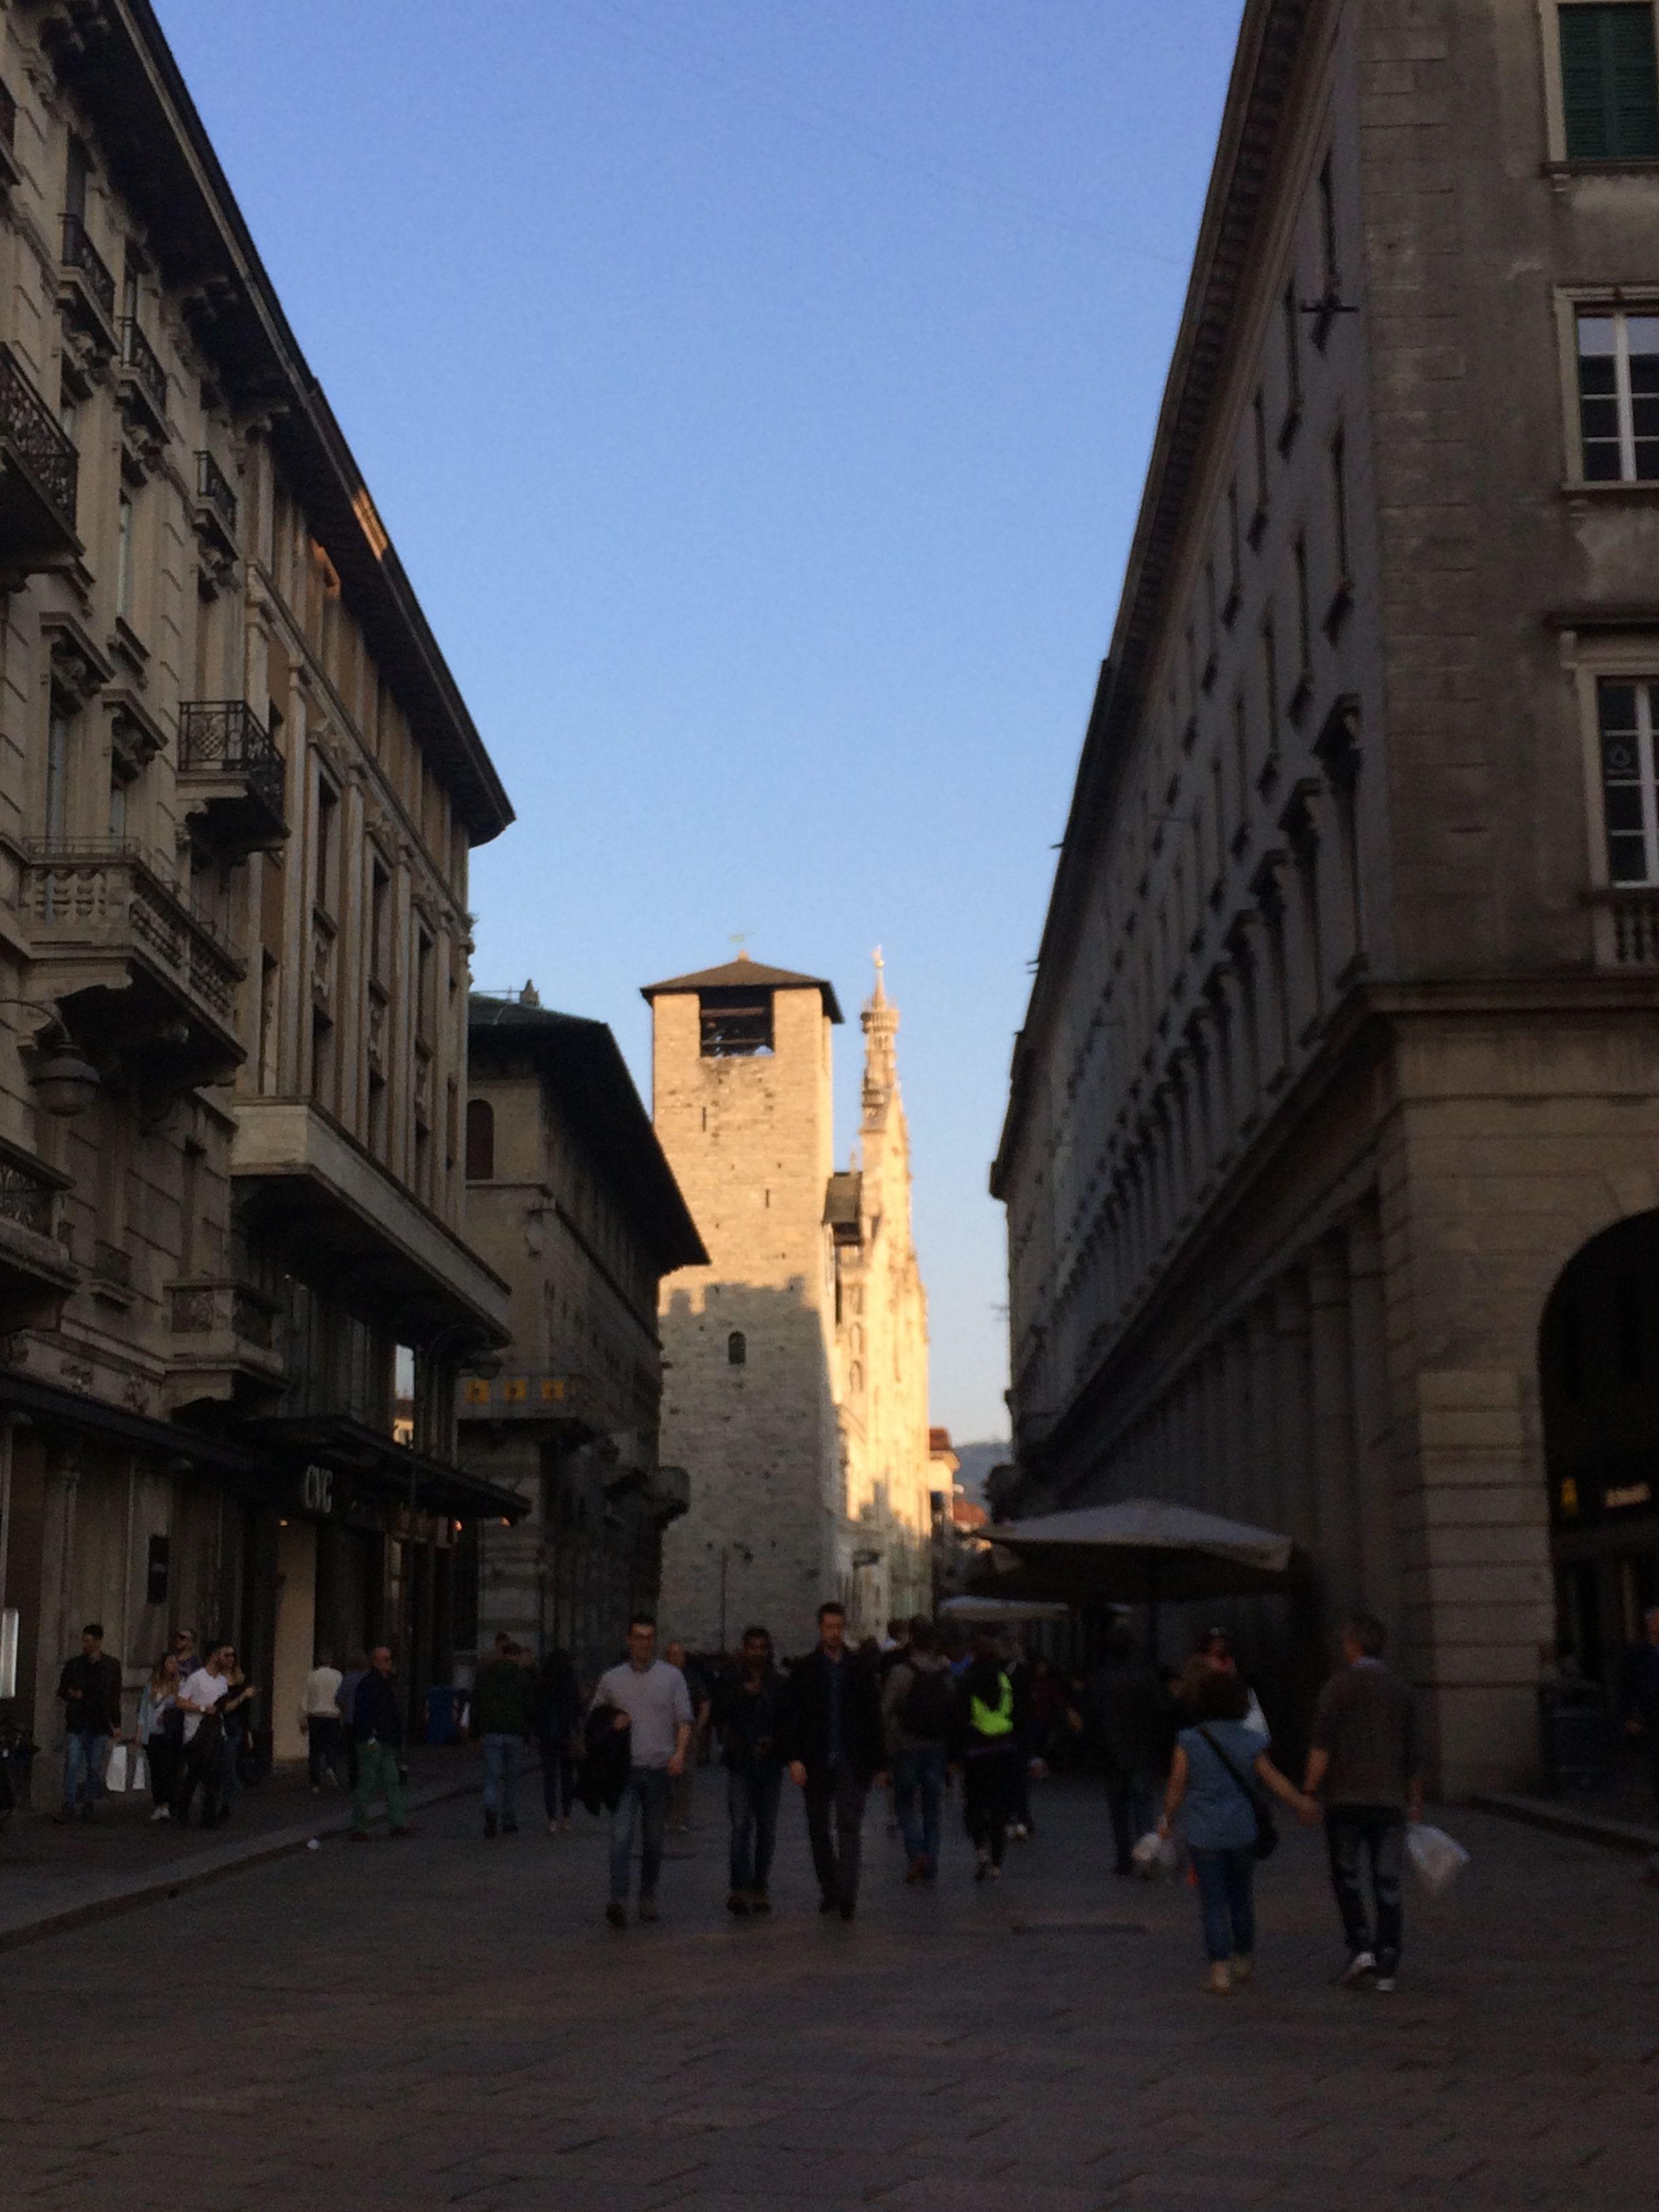 April 8, 2017 #Como #Italy #PedestrianZone